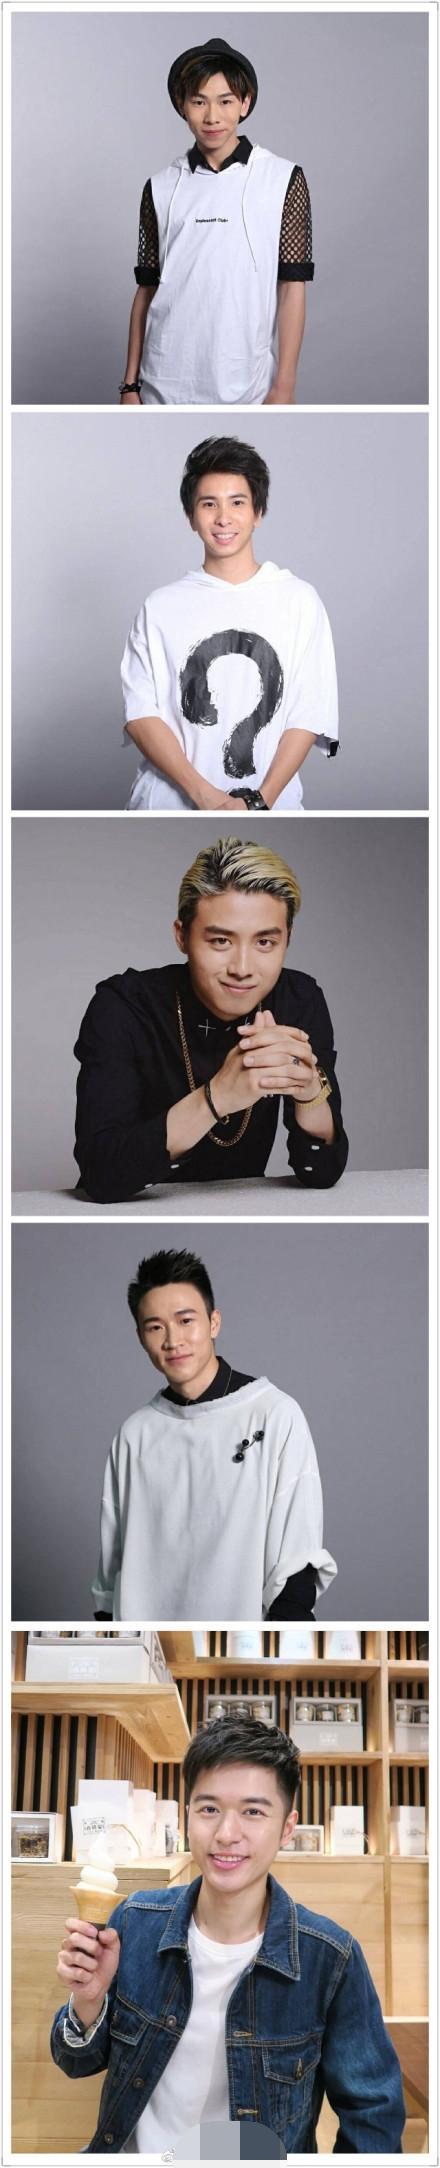 Netizen Hàn choáng váng với nhan sắc dưới trung bình của dàn thí sinh Produce 101 bản Hồng Kông